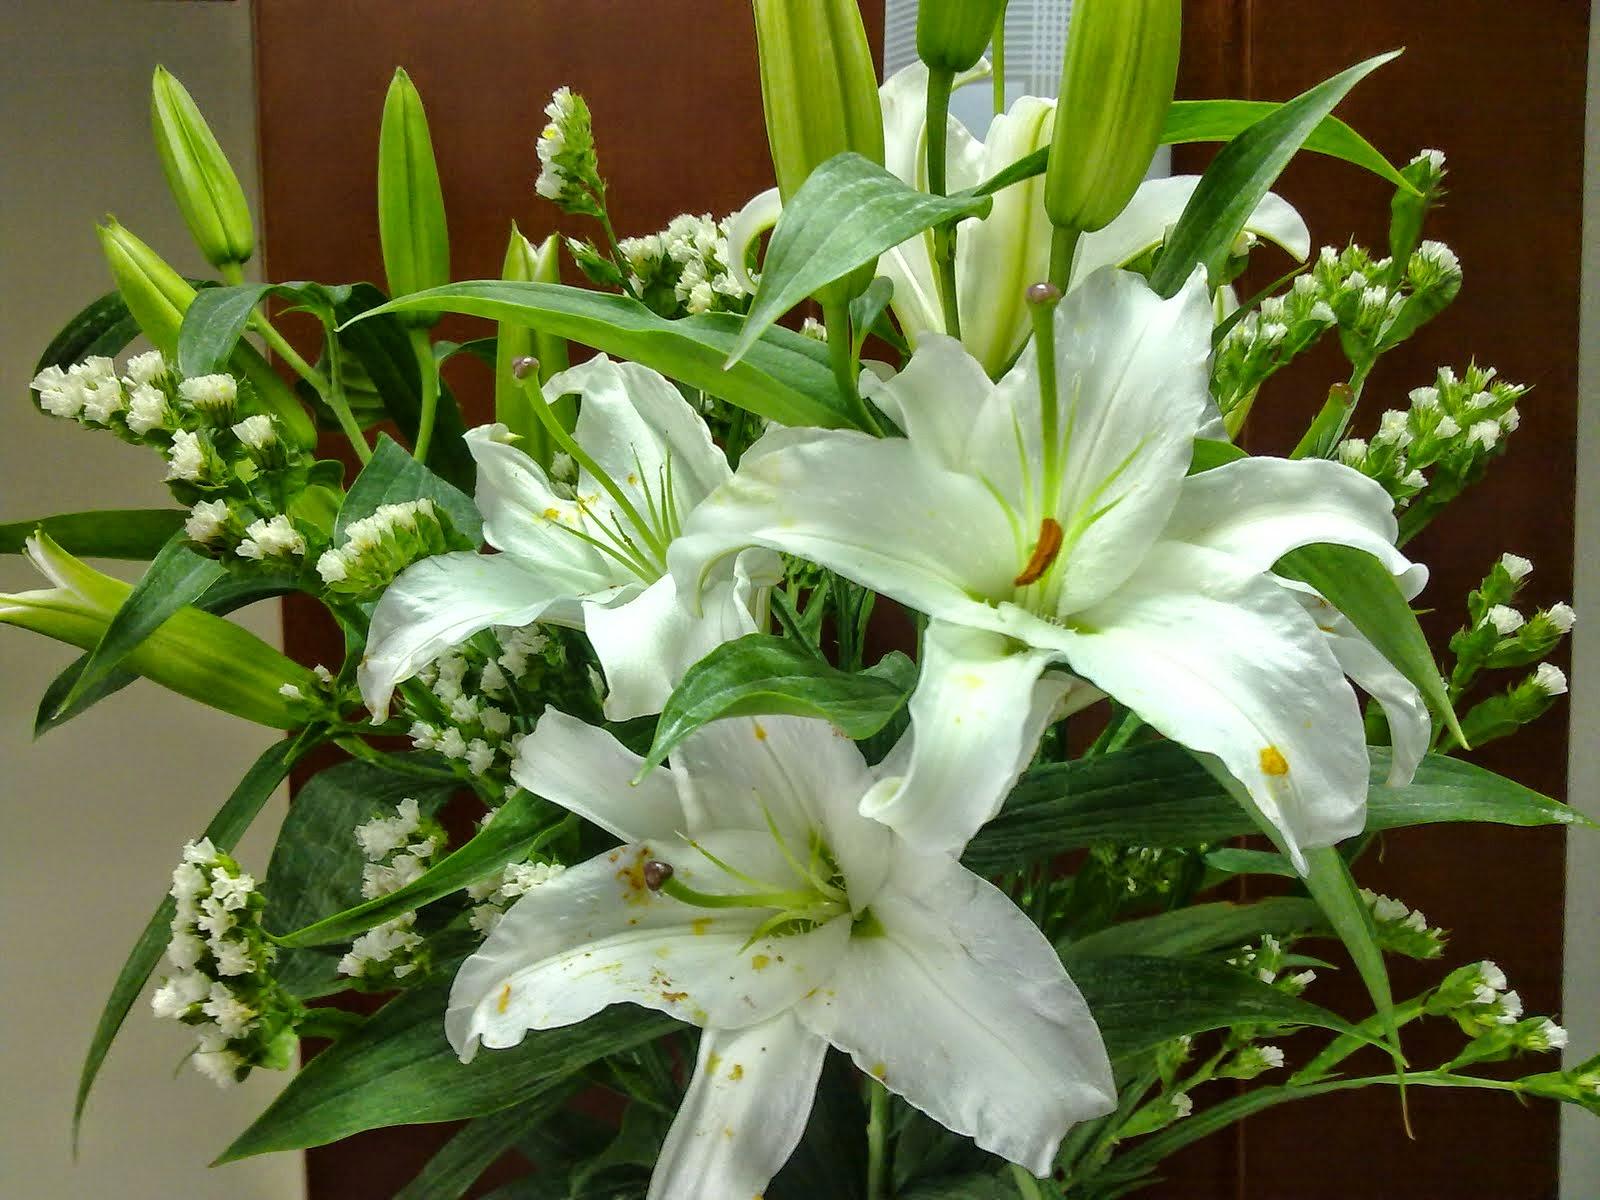 Hoa ly loại thường, có cánh nhỏ, màu trắng, hồng, cam